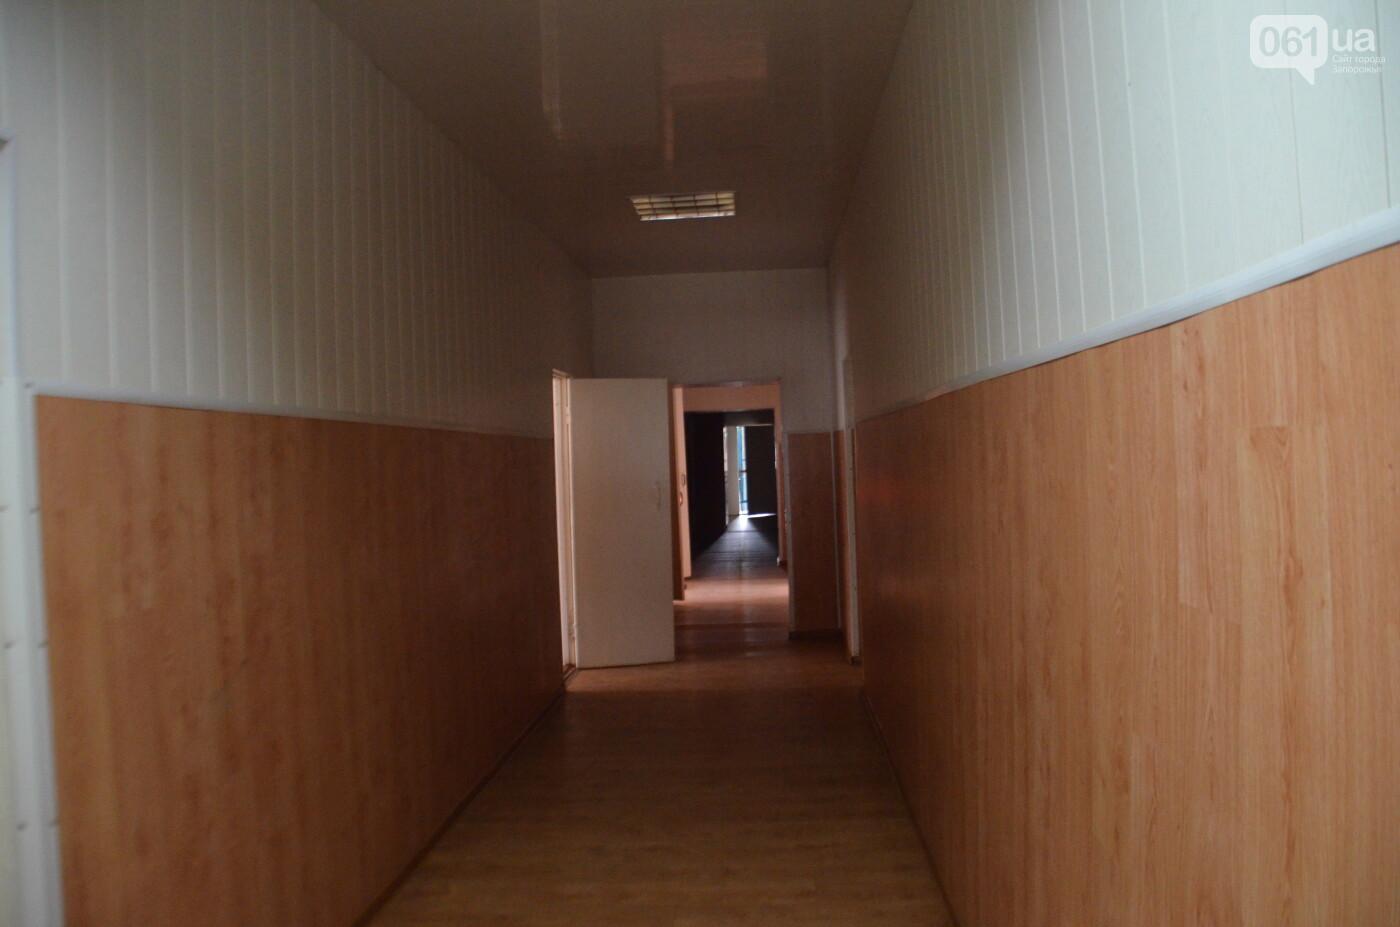 «Я сирота. Это мой дом»: воспитанники из Черниговского интерната вынуждено покинули свою обитель, фото-4